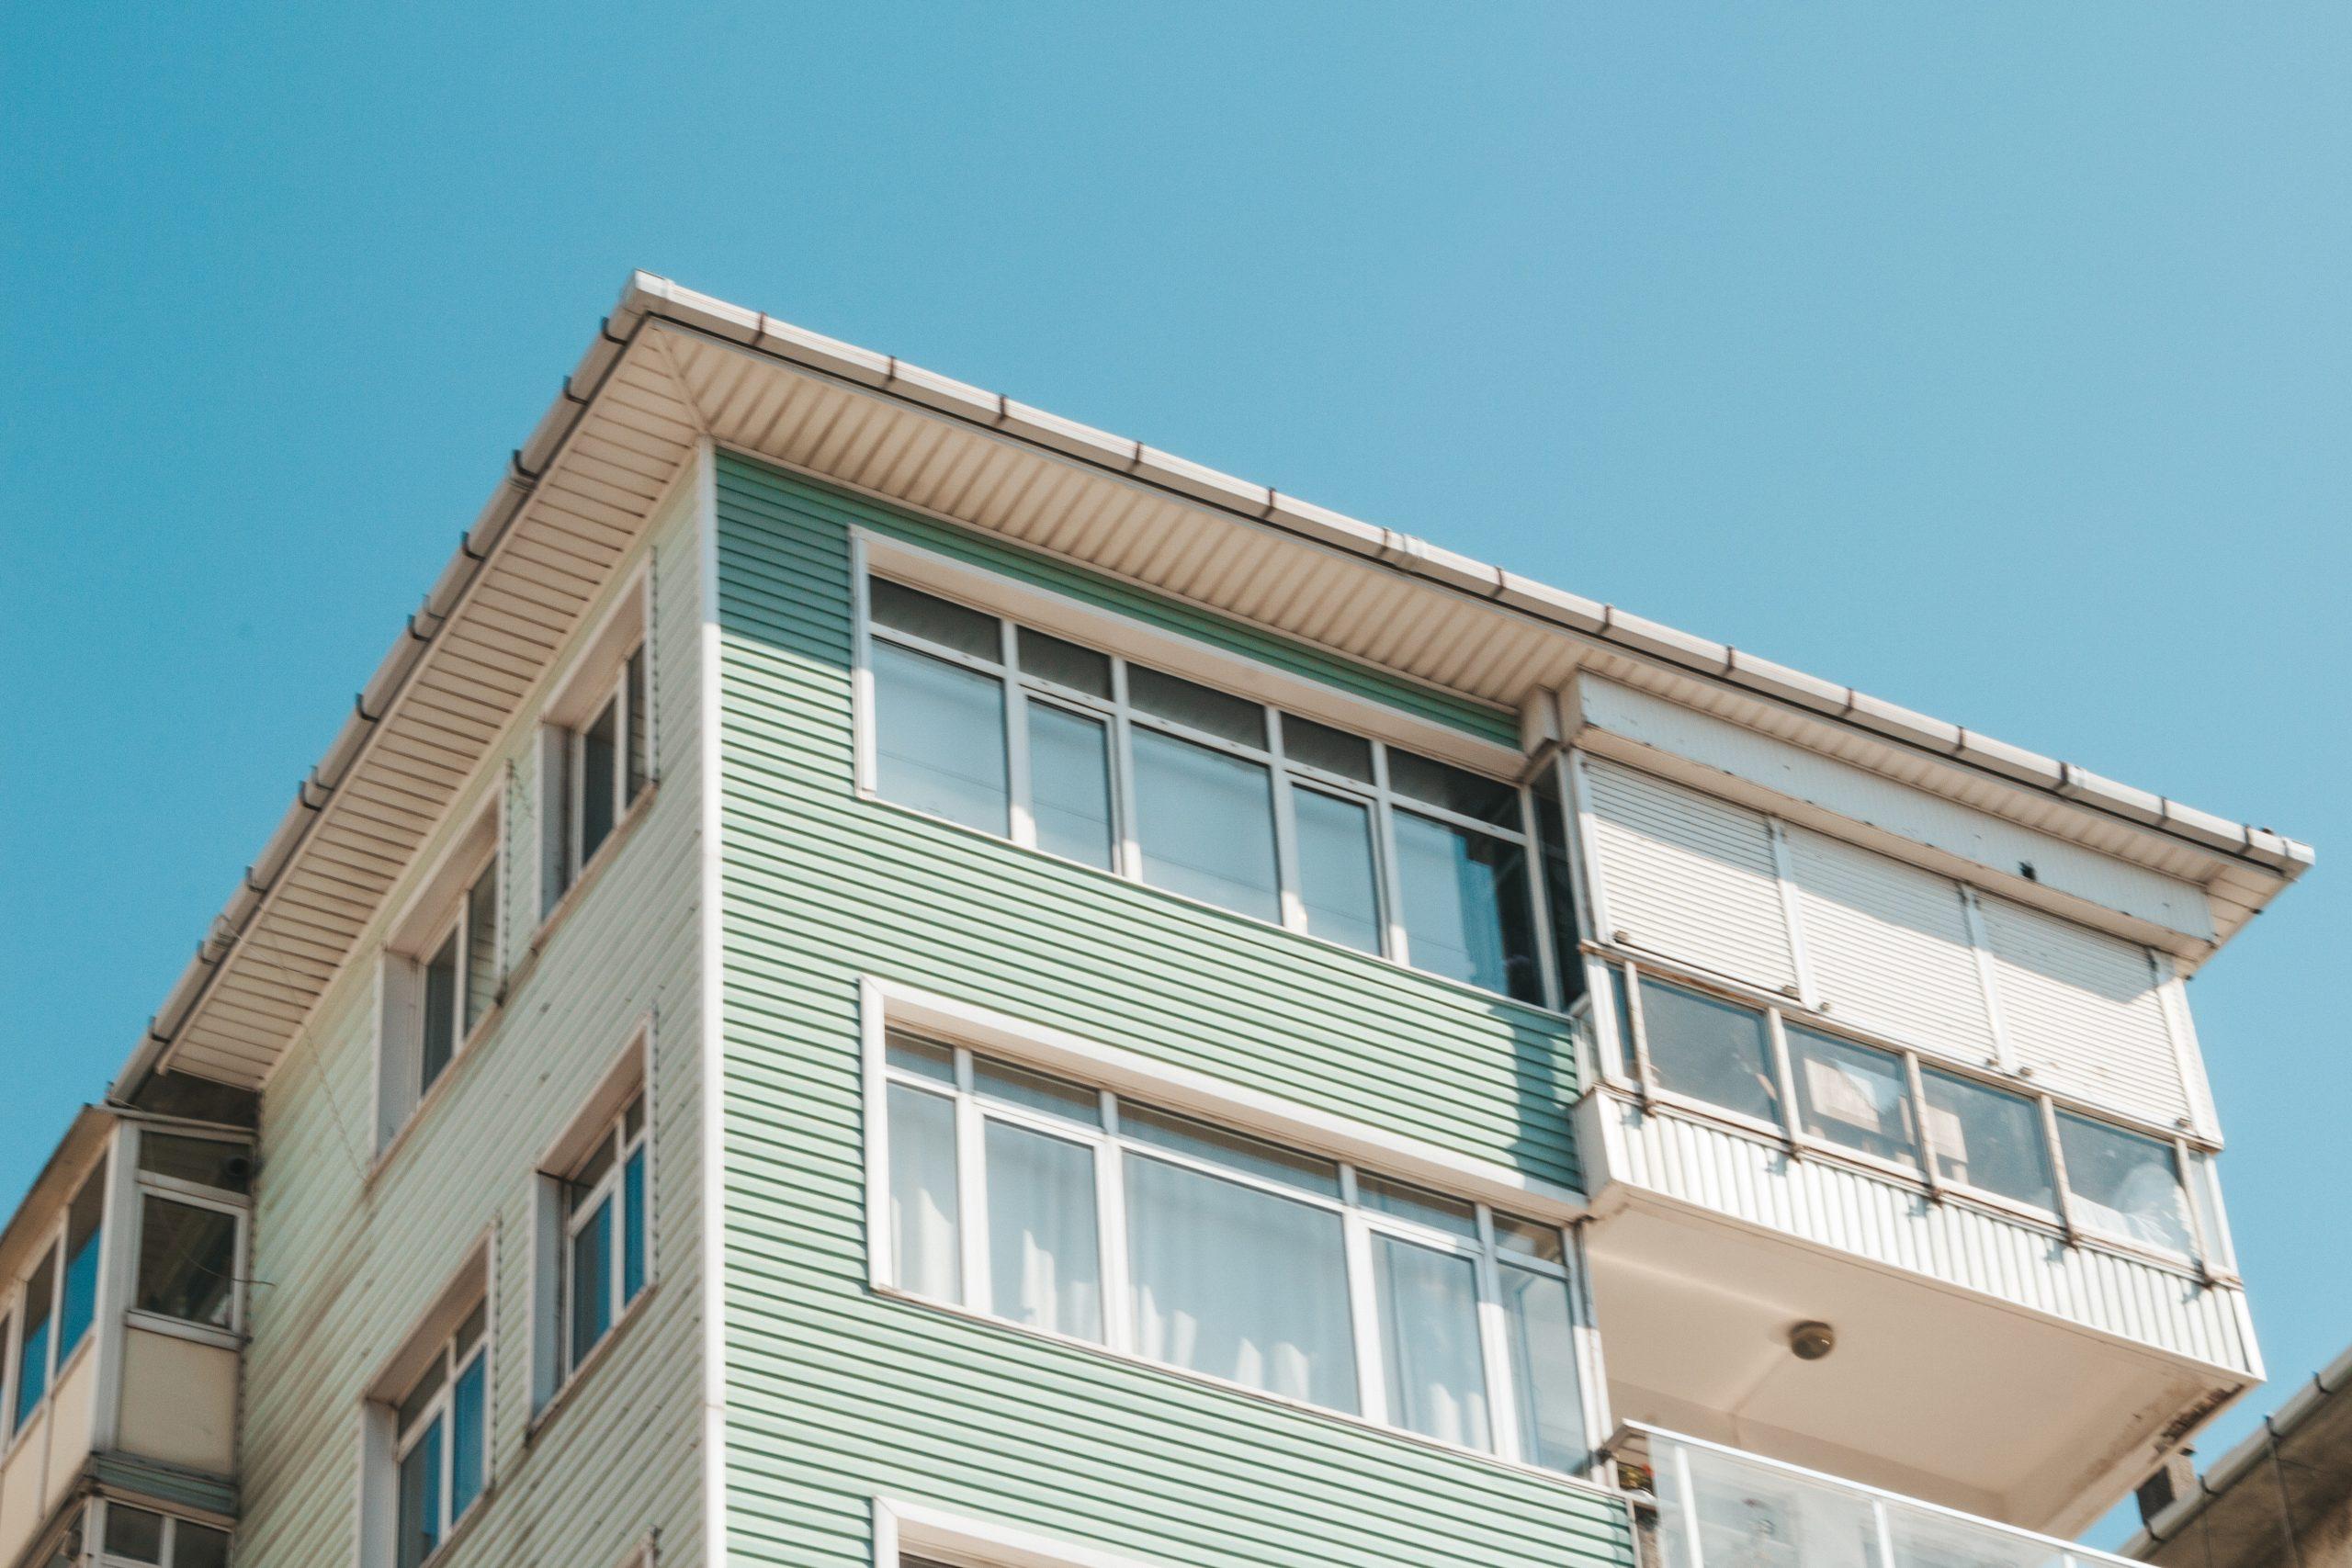 Huit stratégies simples pour investir dans l'immobilier